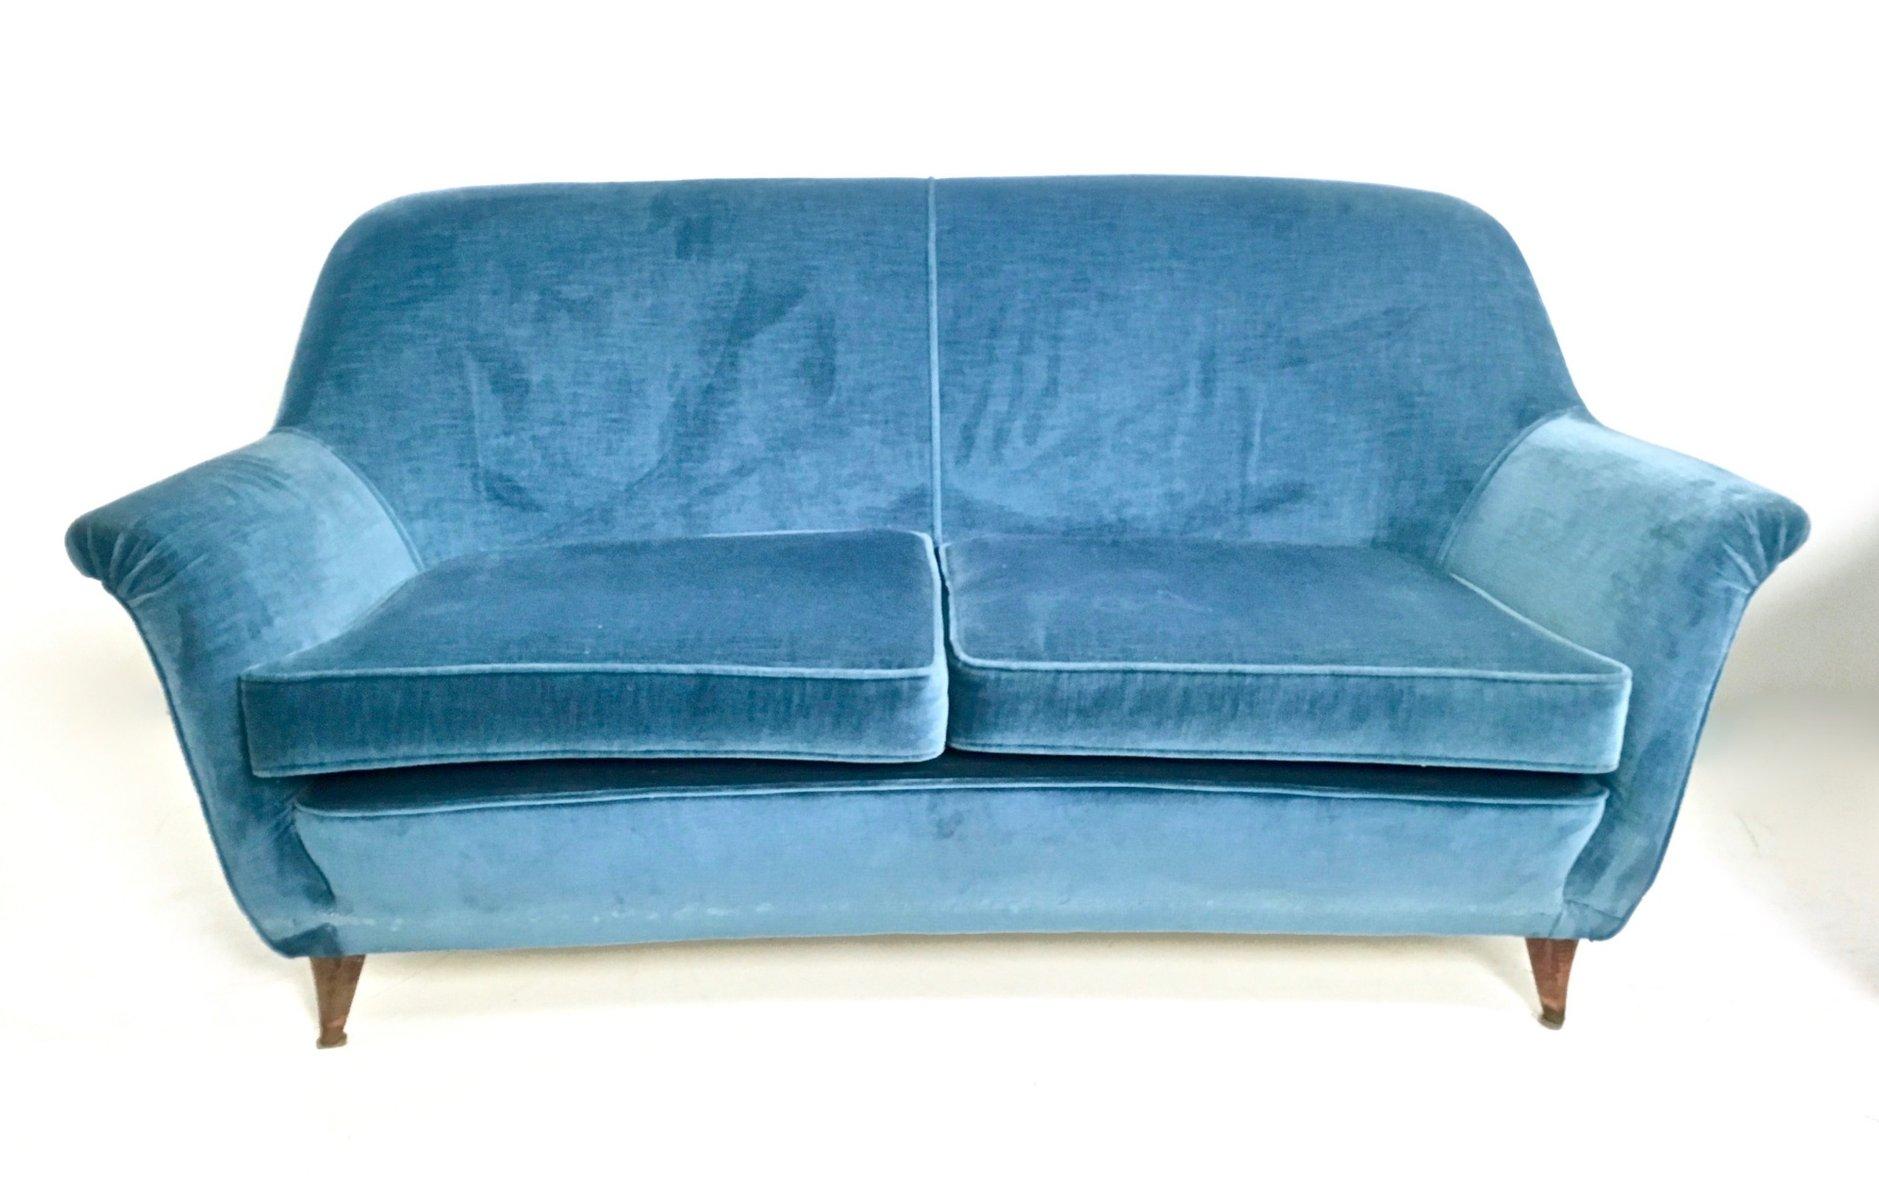 italienische sitzgruppe in blauem samtbezug 1950er bei pamono kaufen. Black Bedroom Furniture Sets. Home Design Ideas